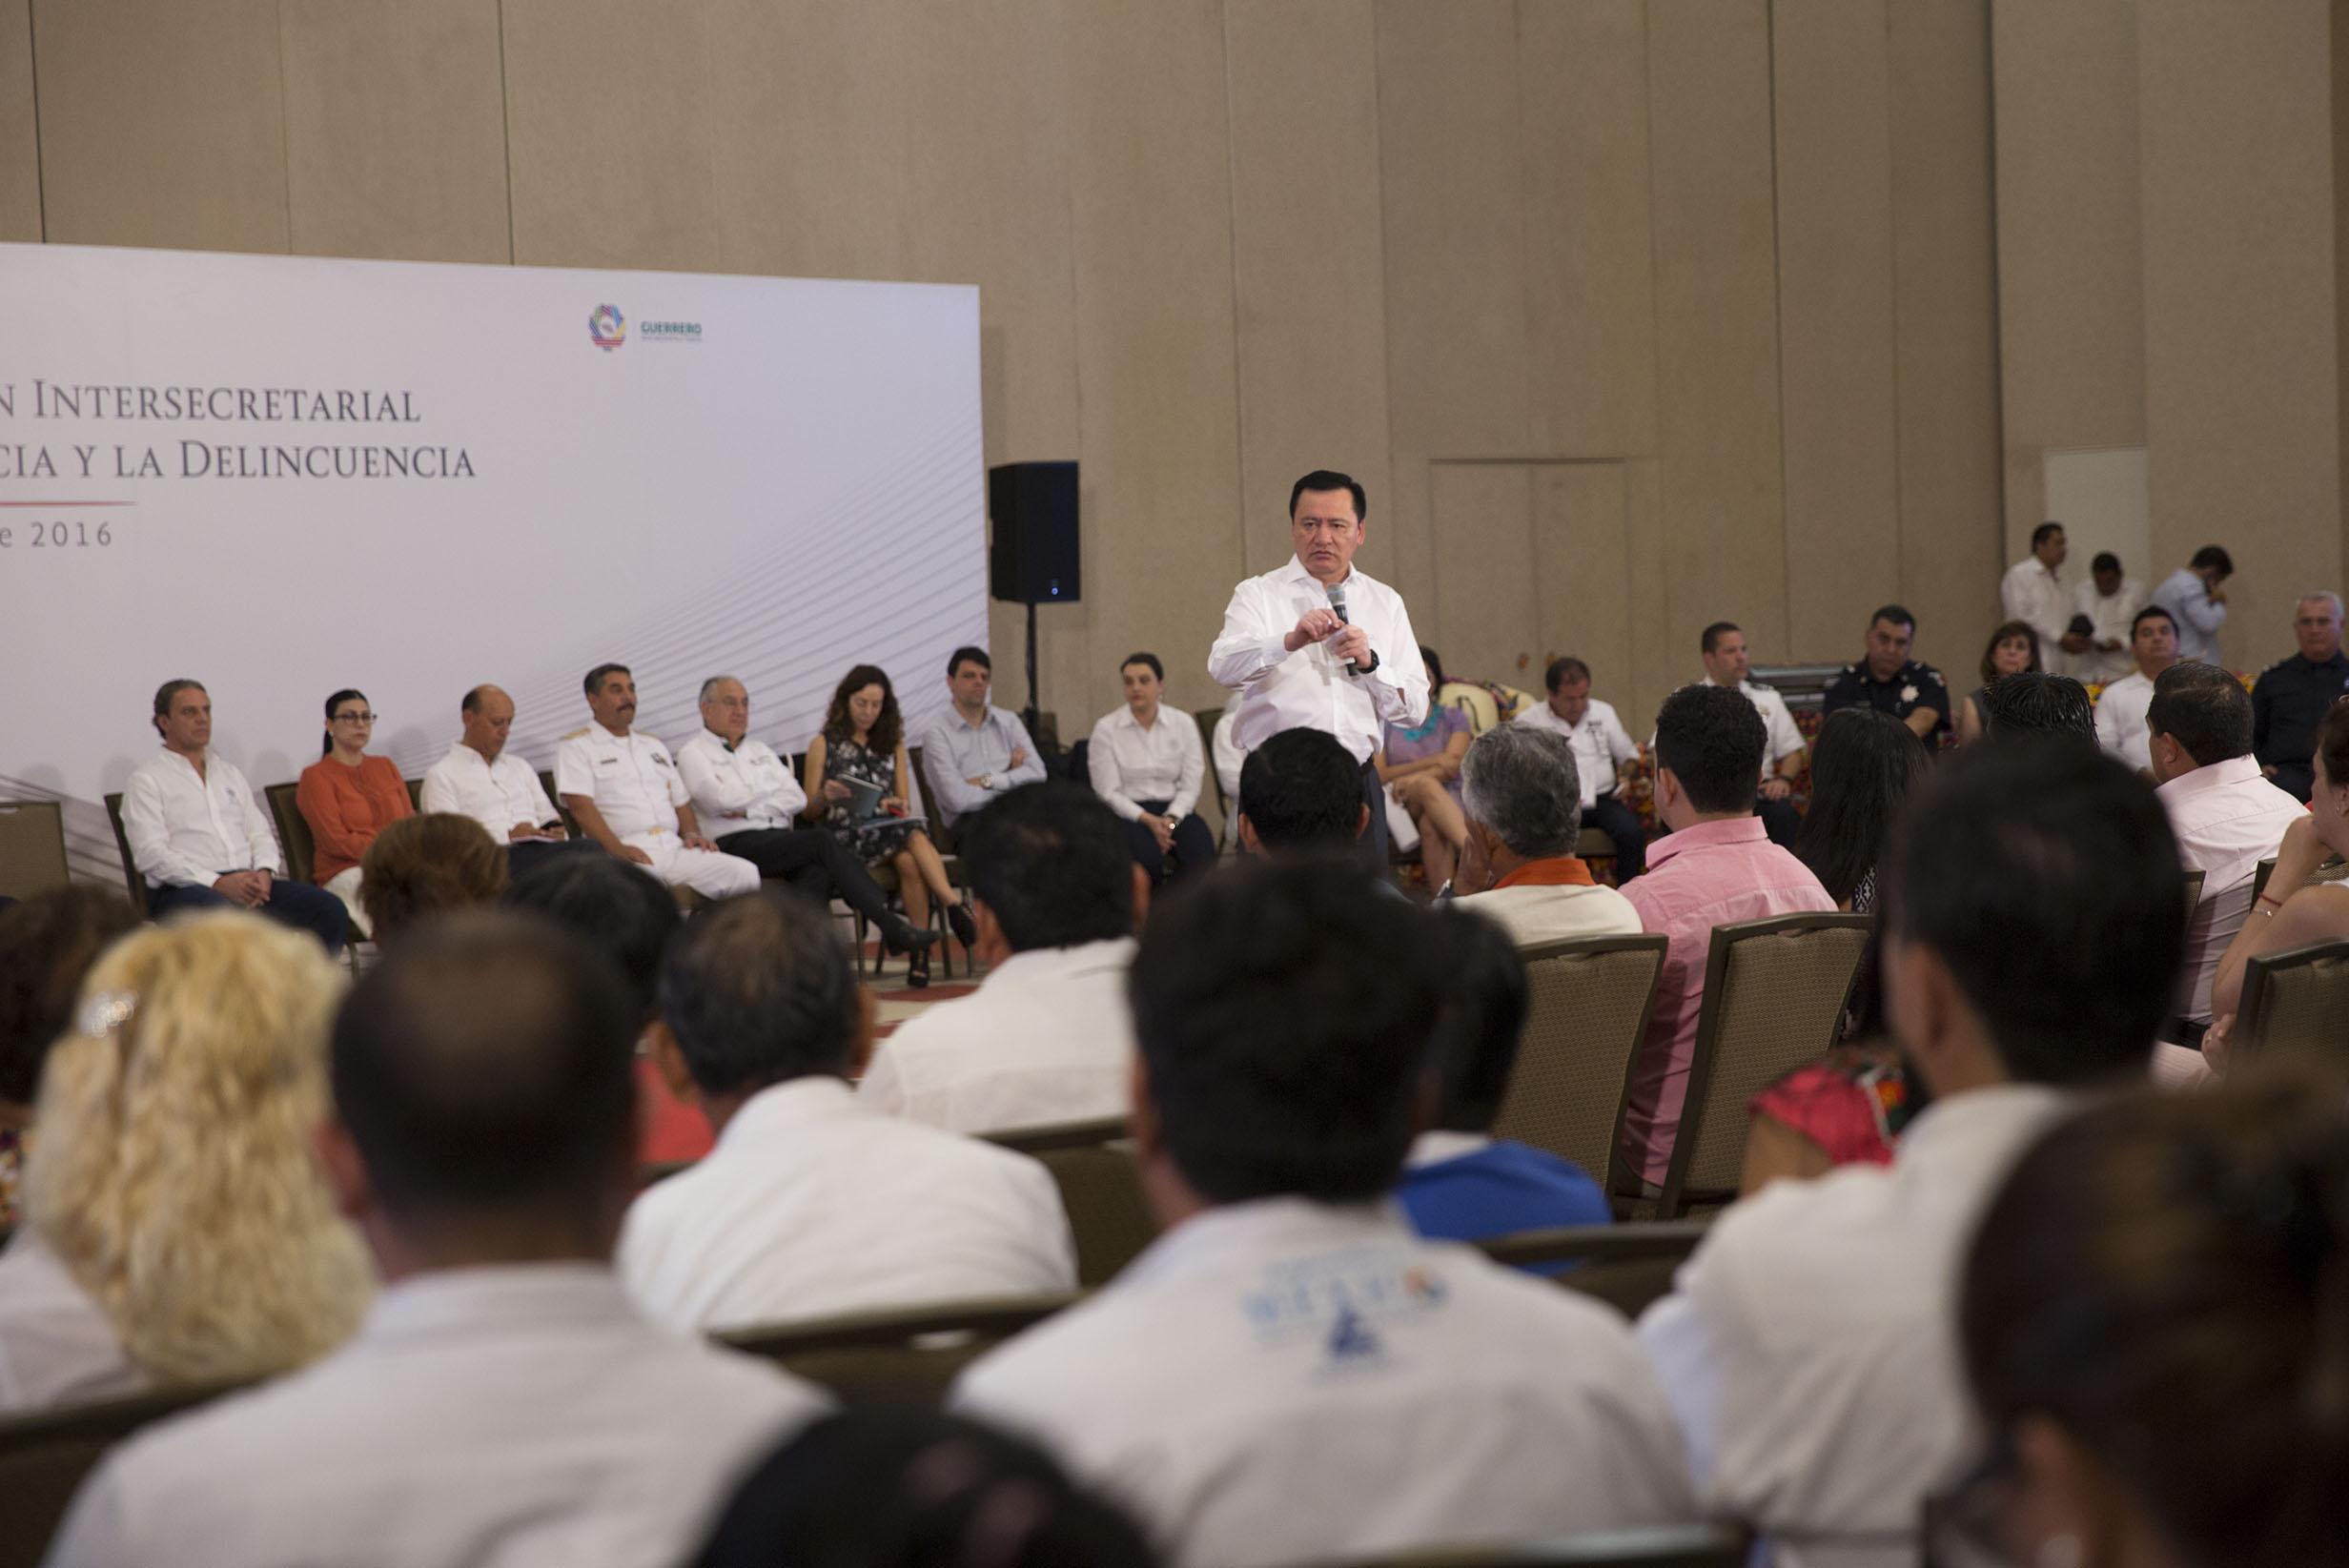 El Secretario de Gobernación, Miguel Ángel Osorio Chong, en la Sesión Extraordinaria de la Comisión Intersecretarial de Prevención Social de la Violencia y la Delincuencia